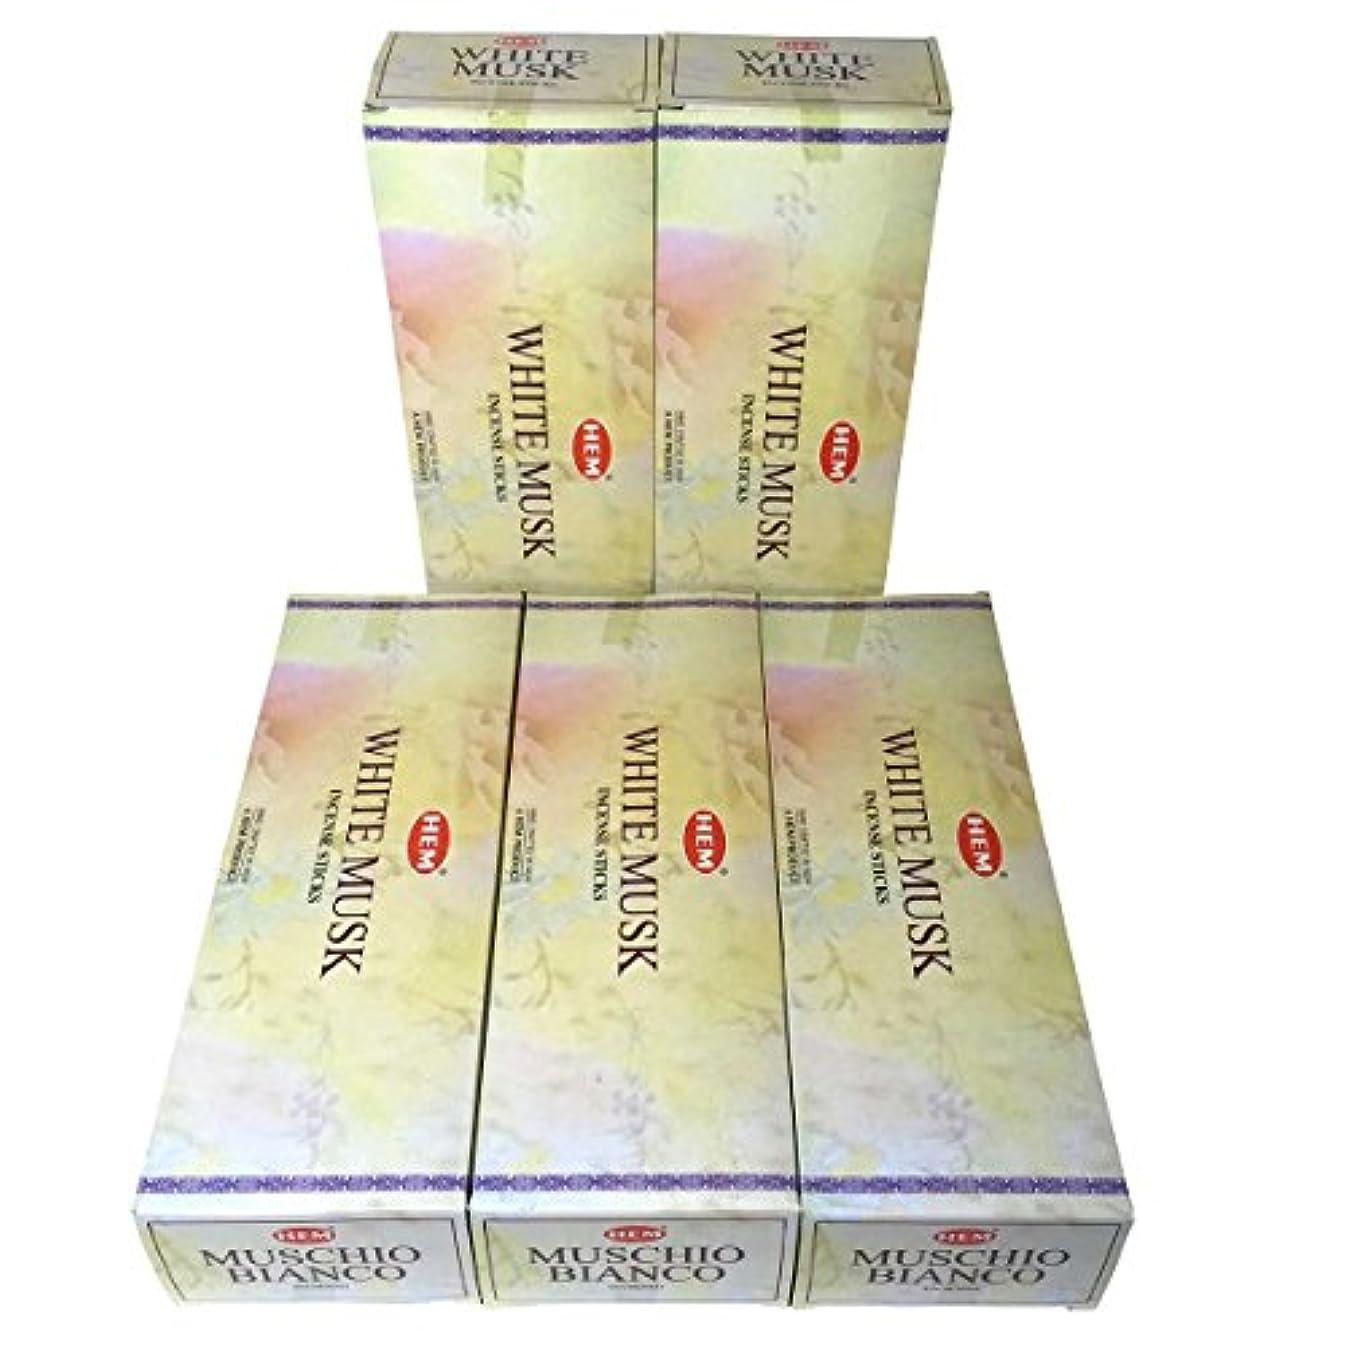 取り出す確率磨かれたHEM ホワイトムスク香 スティック 5BOX(30箱)/HEM WHITE MUSK/ インド香 / 送料無料 [並行輸入品]